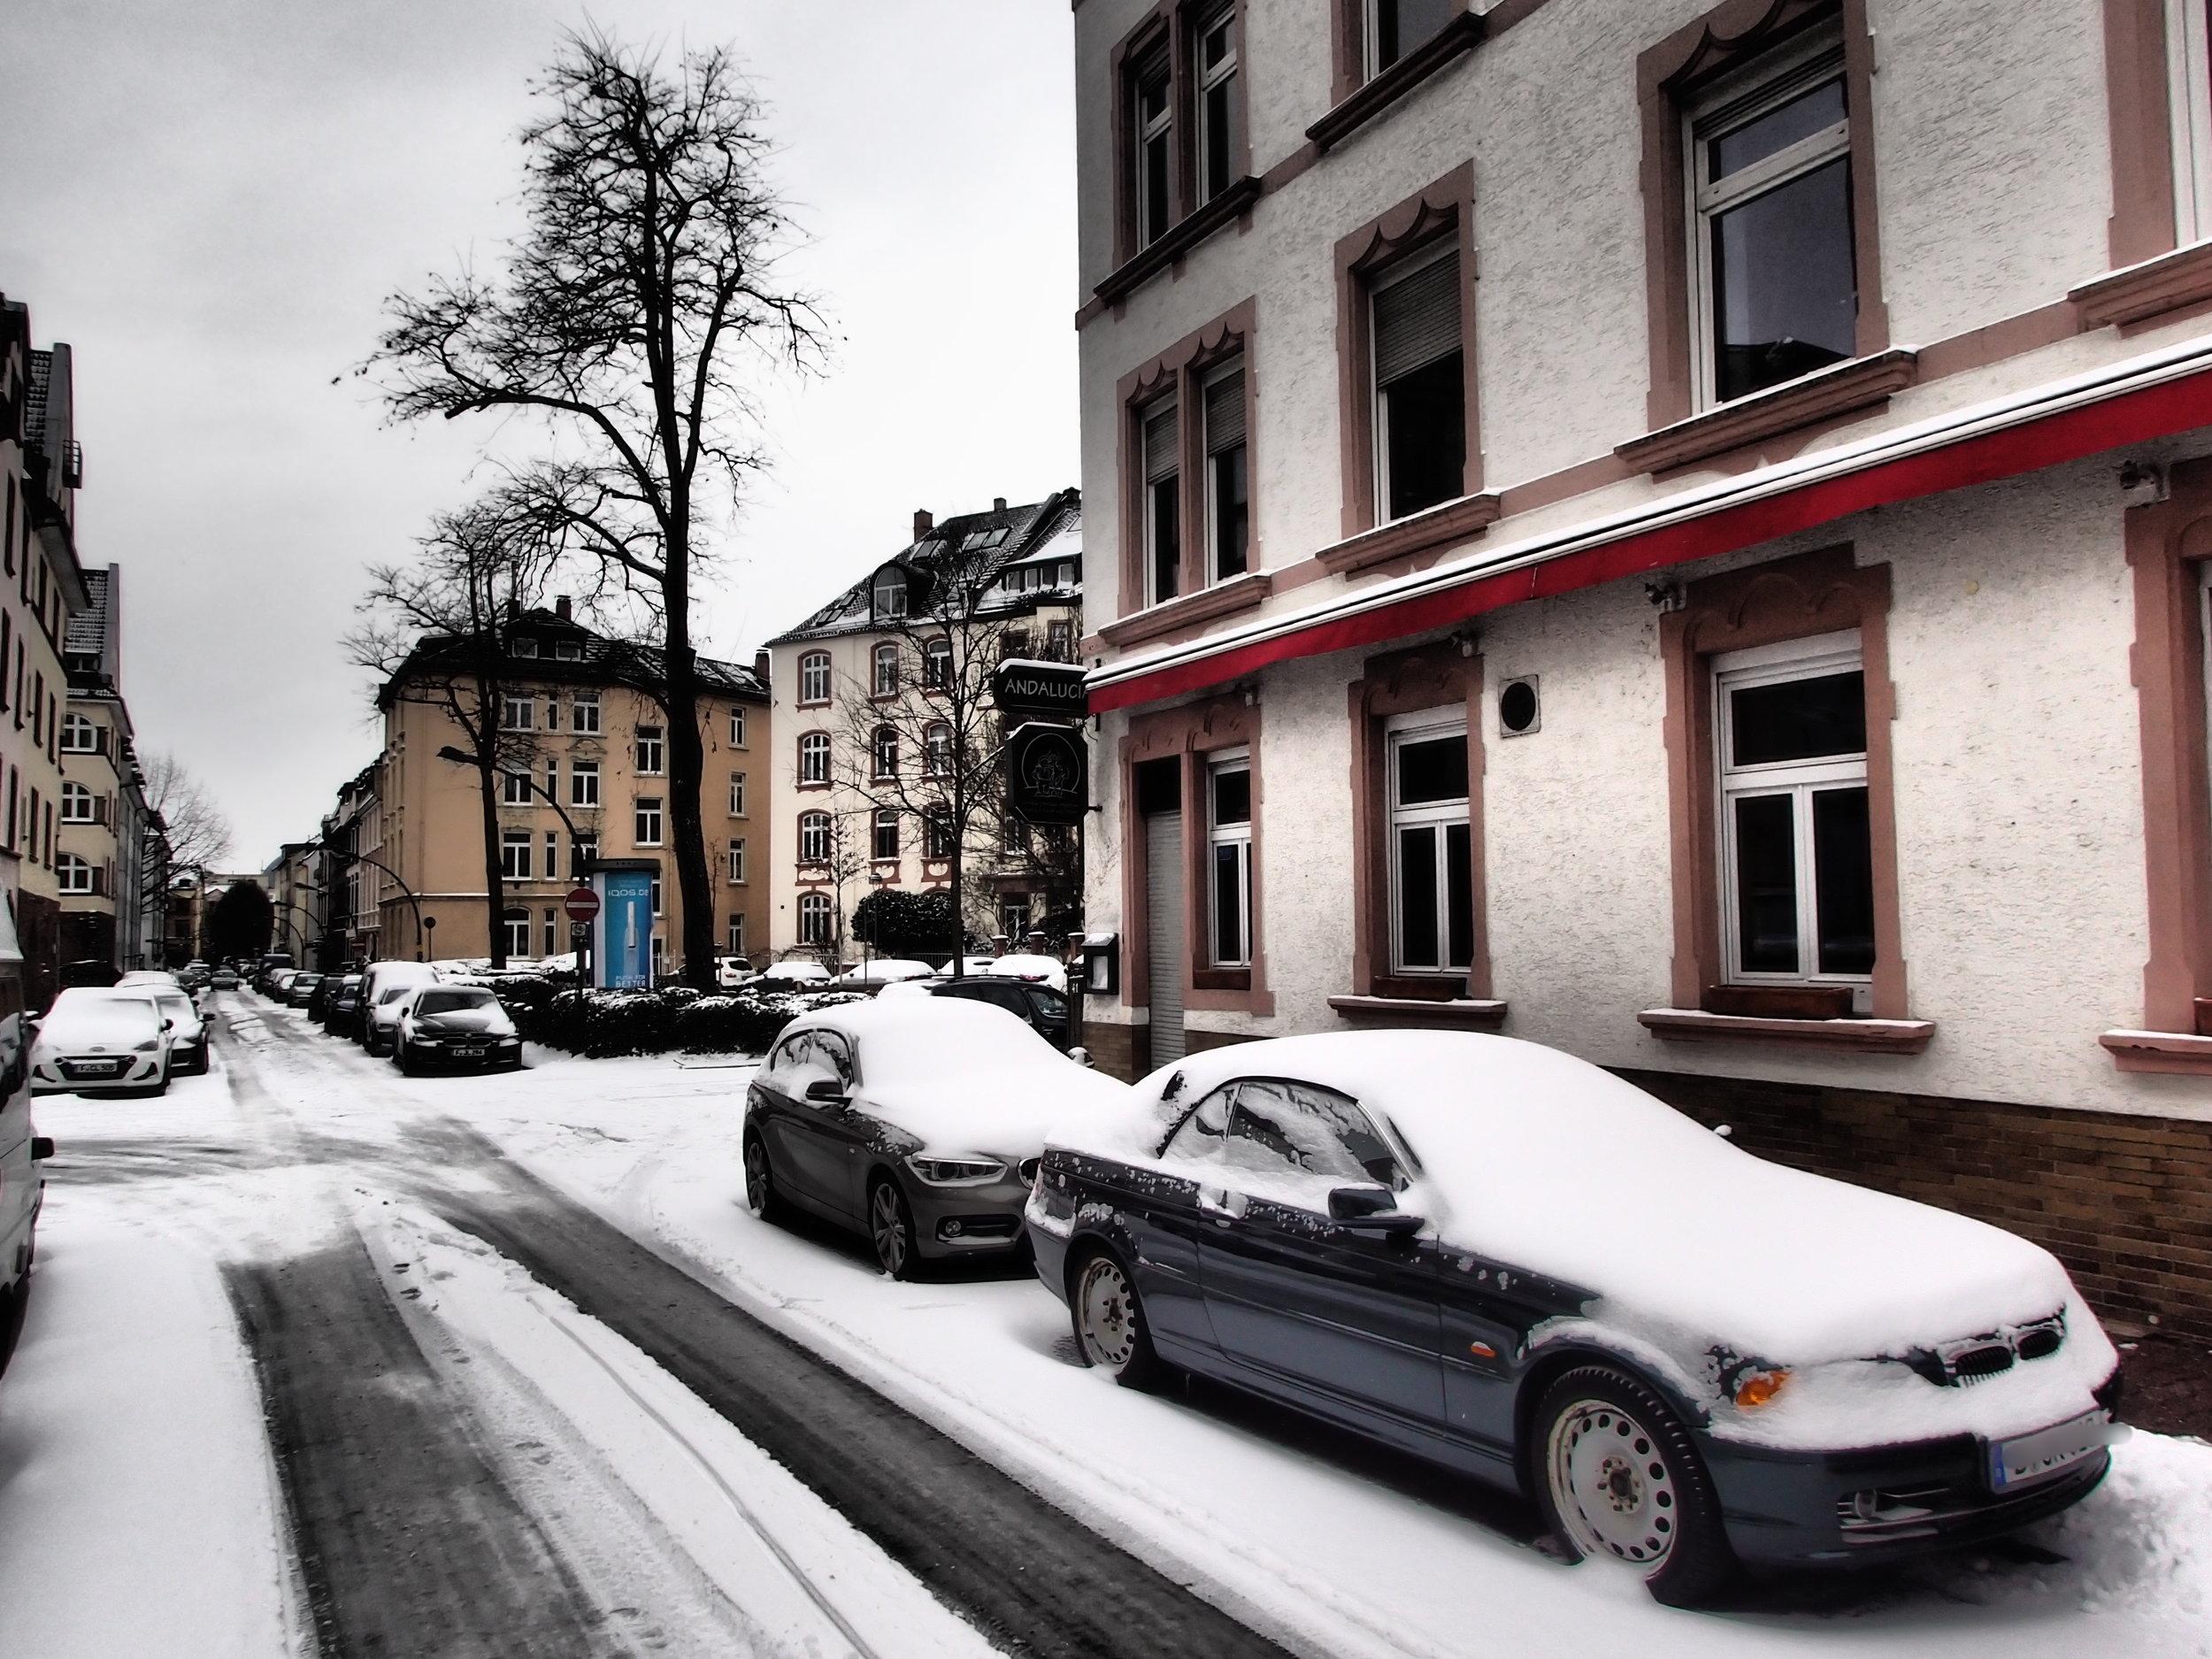 Bockenheim residential street